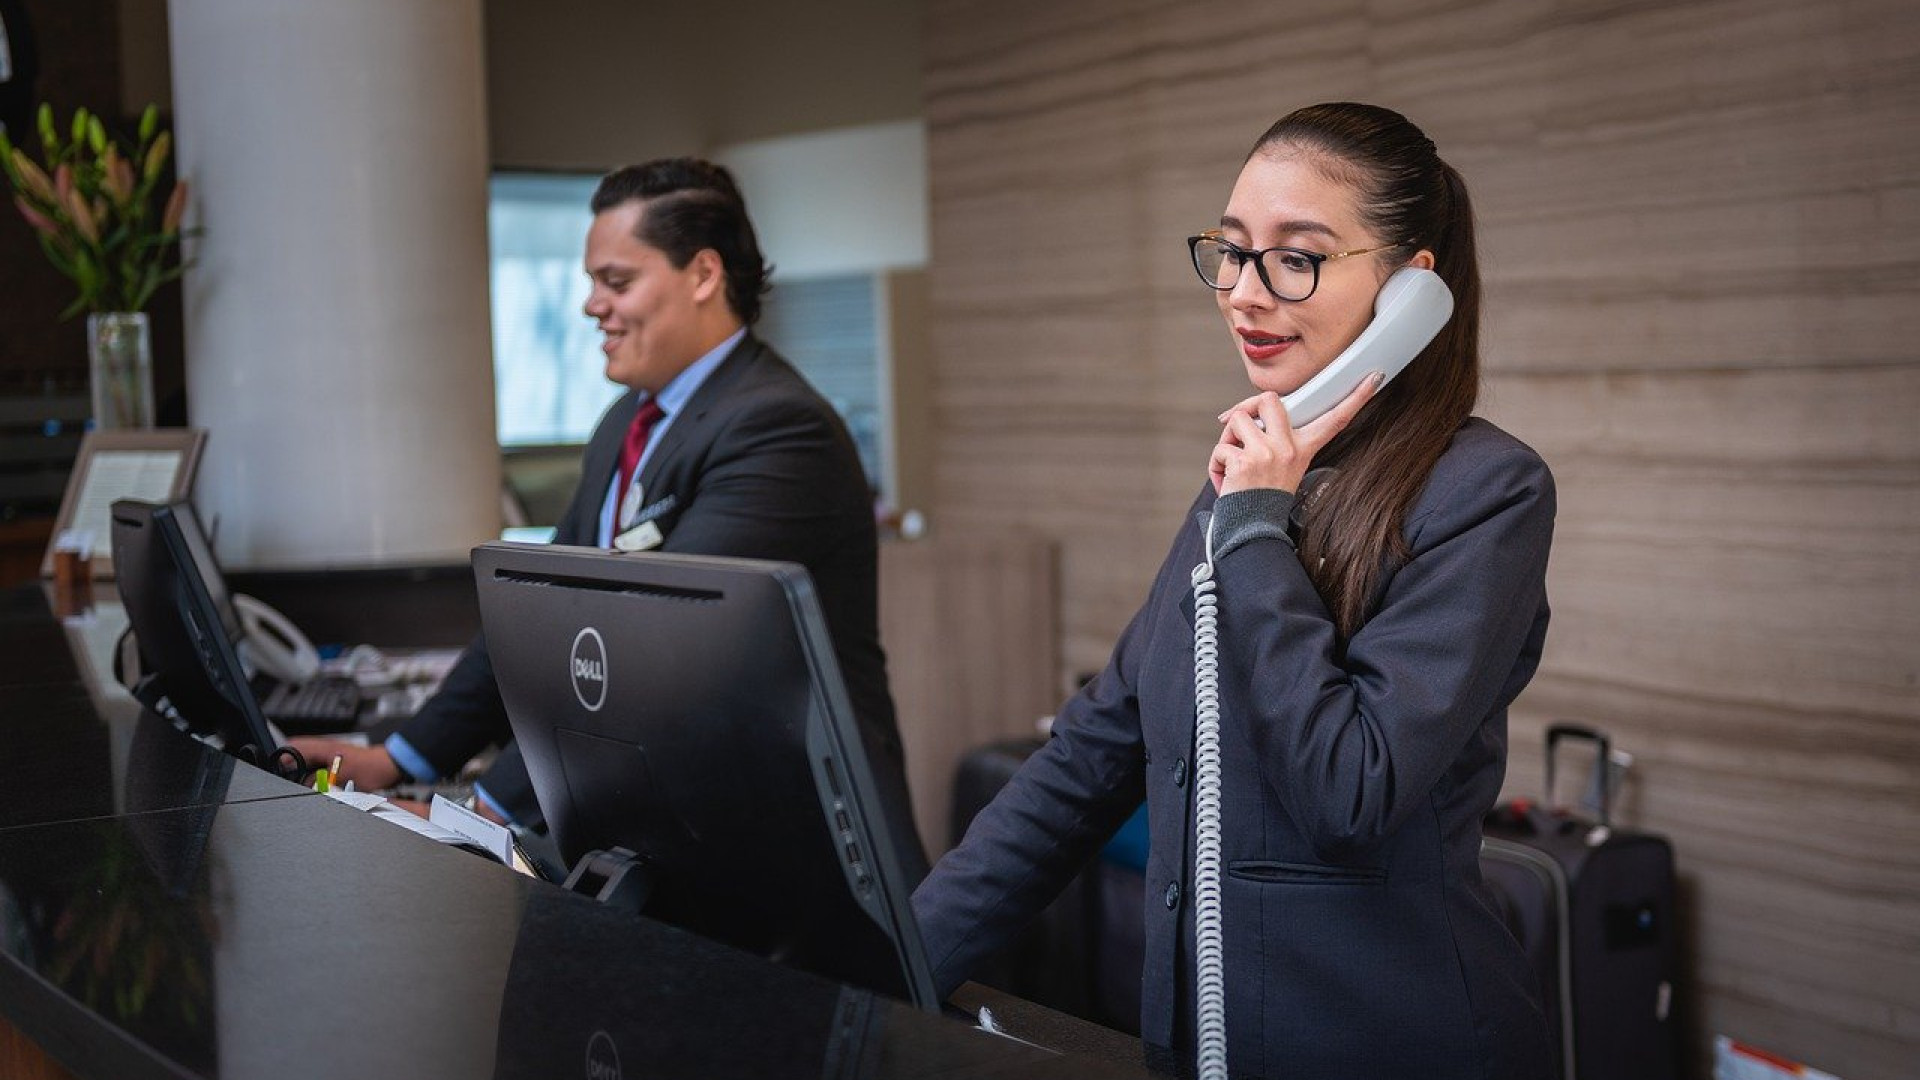 Comment retrouver le numéro d'un service client ?